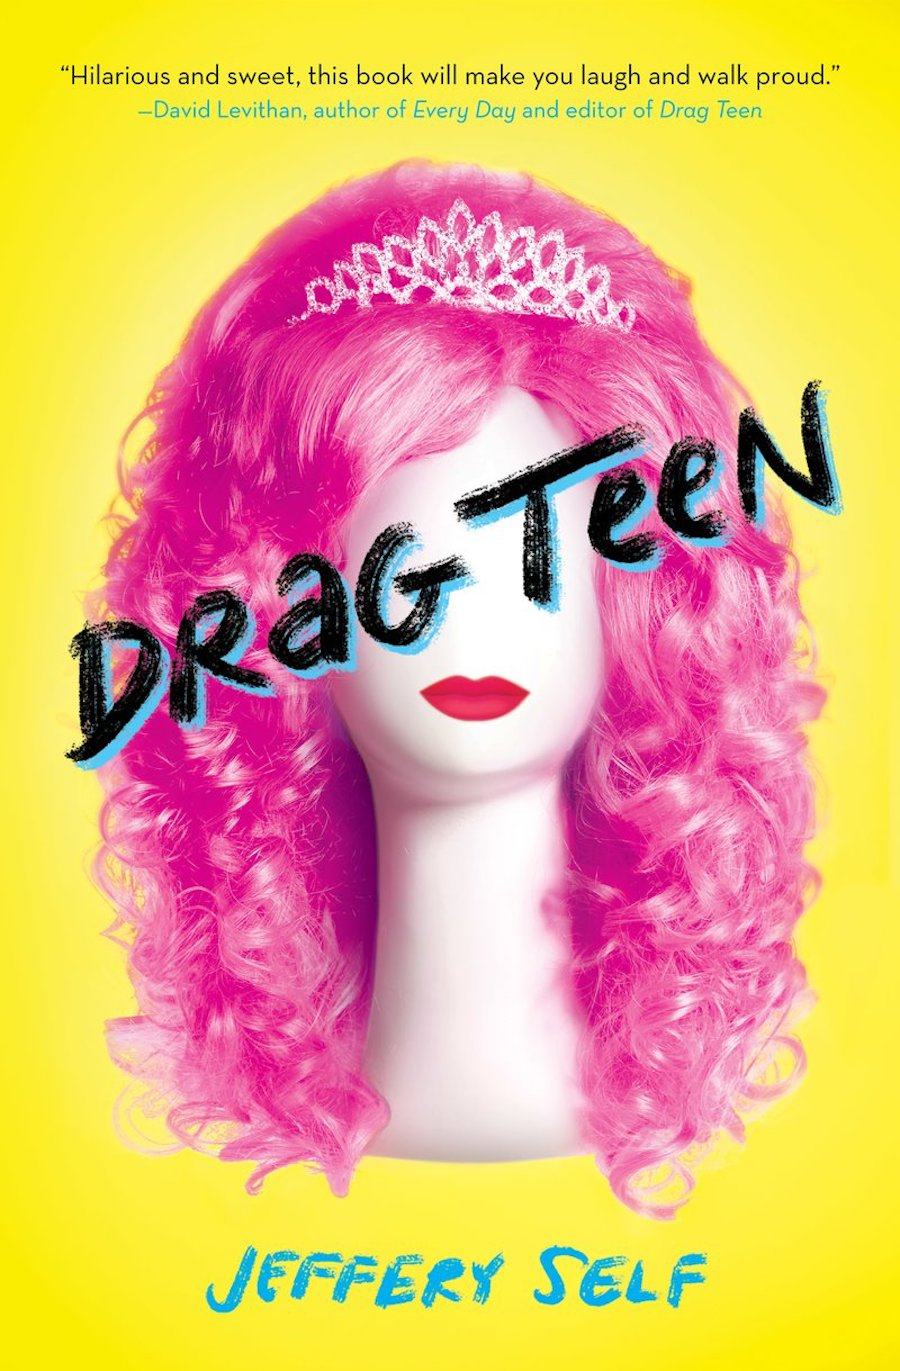 scholastic drag teen